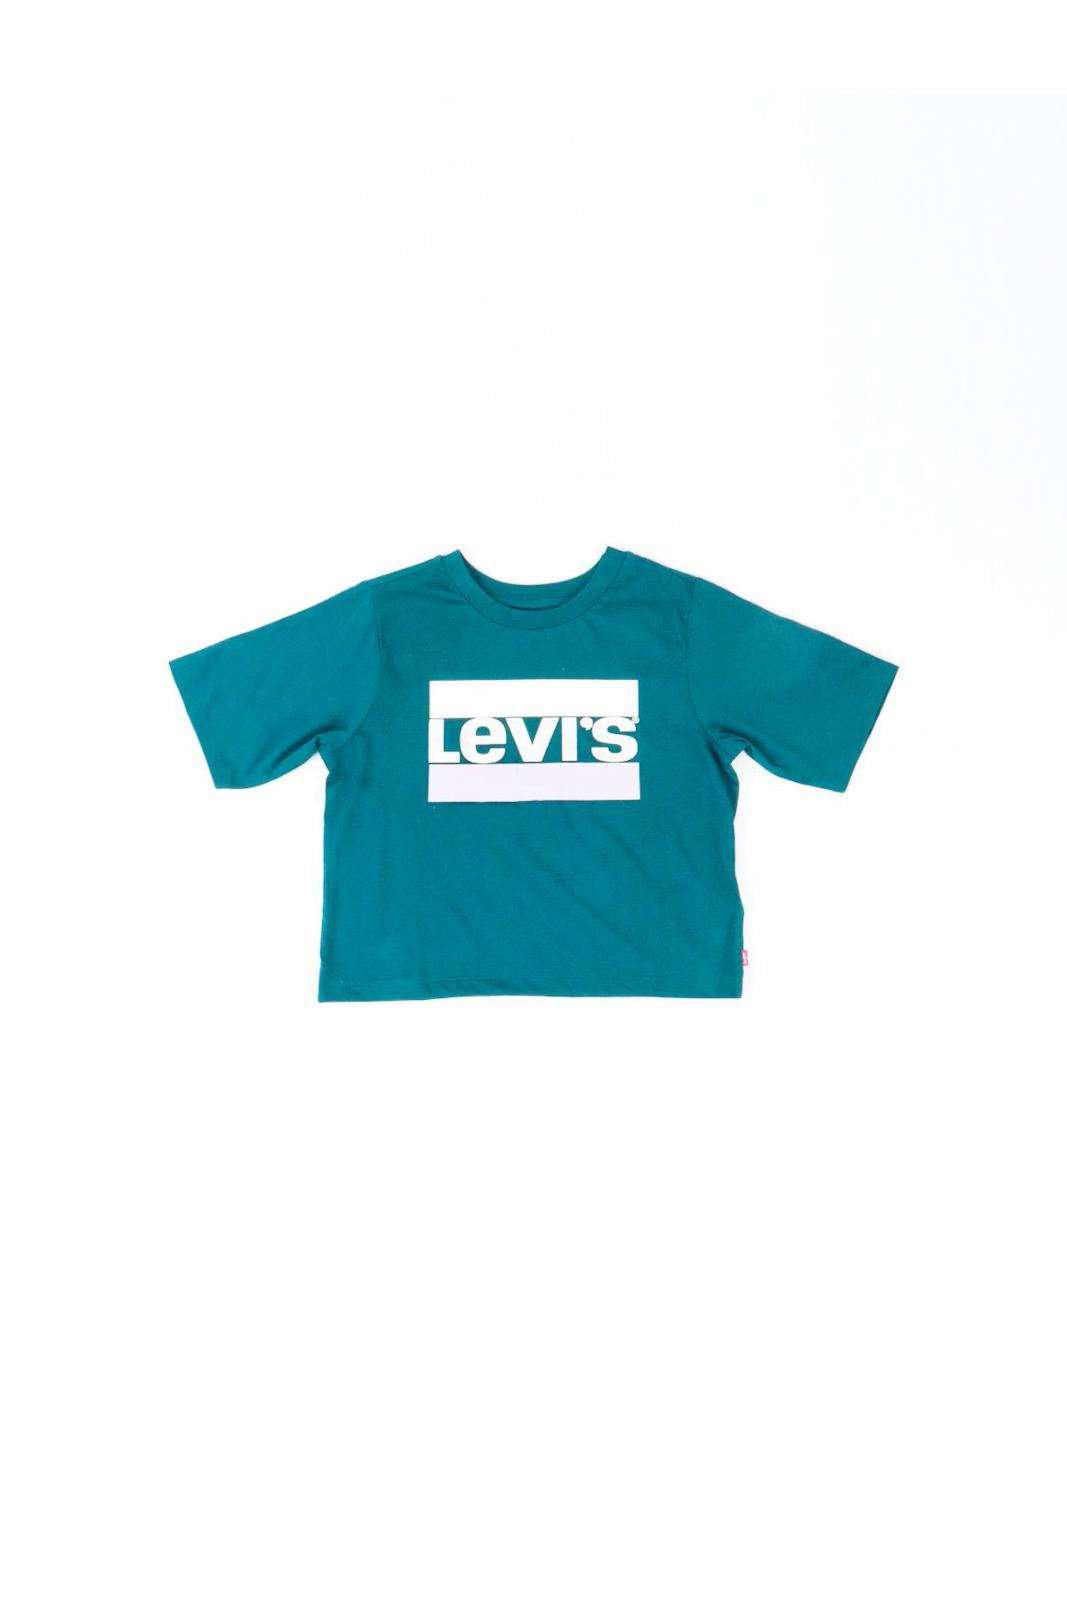 Alla moda, chic e iconica, la maglia HIGH RISE TEE di Levi's Kids. Il taglio crop, la rende perfetta per regalare un look fashion anche ai più piccoli.